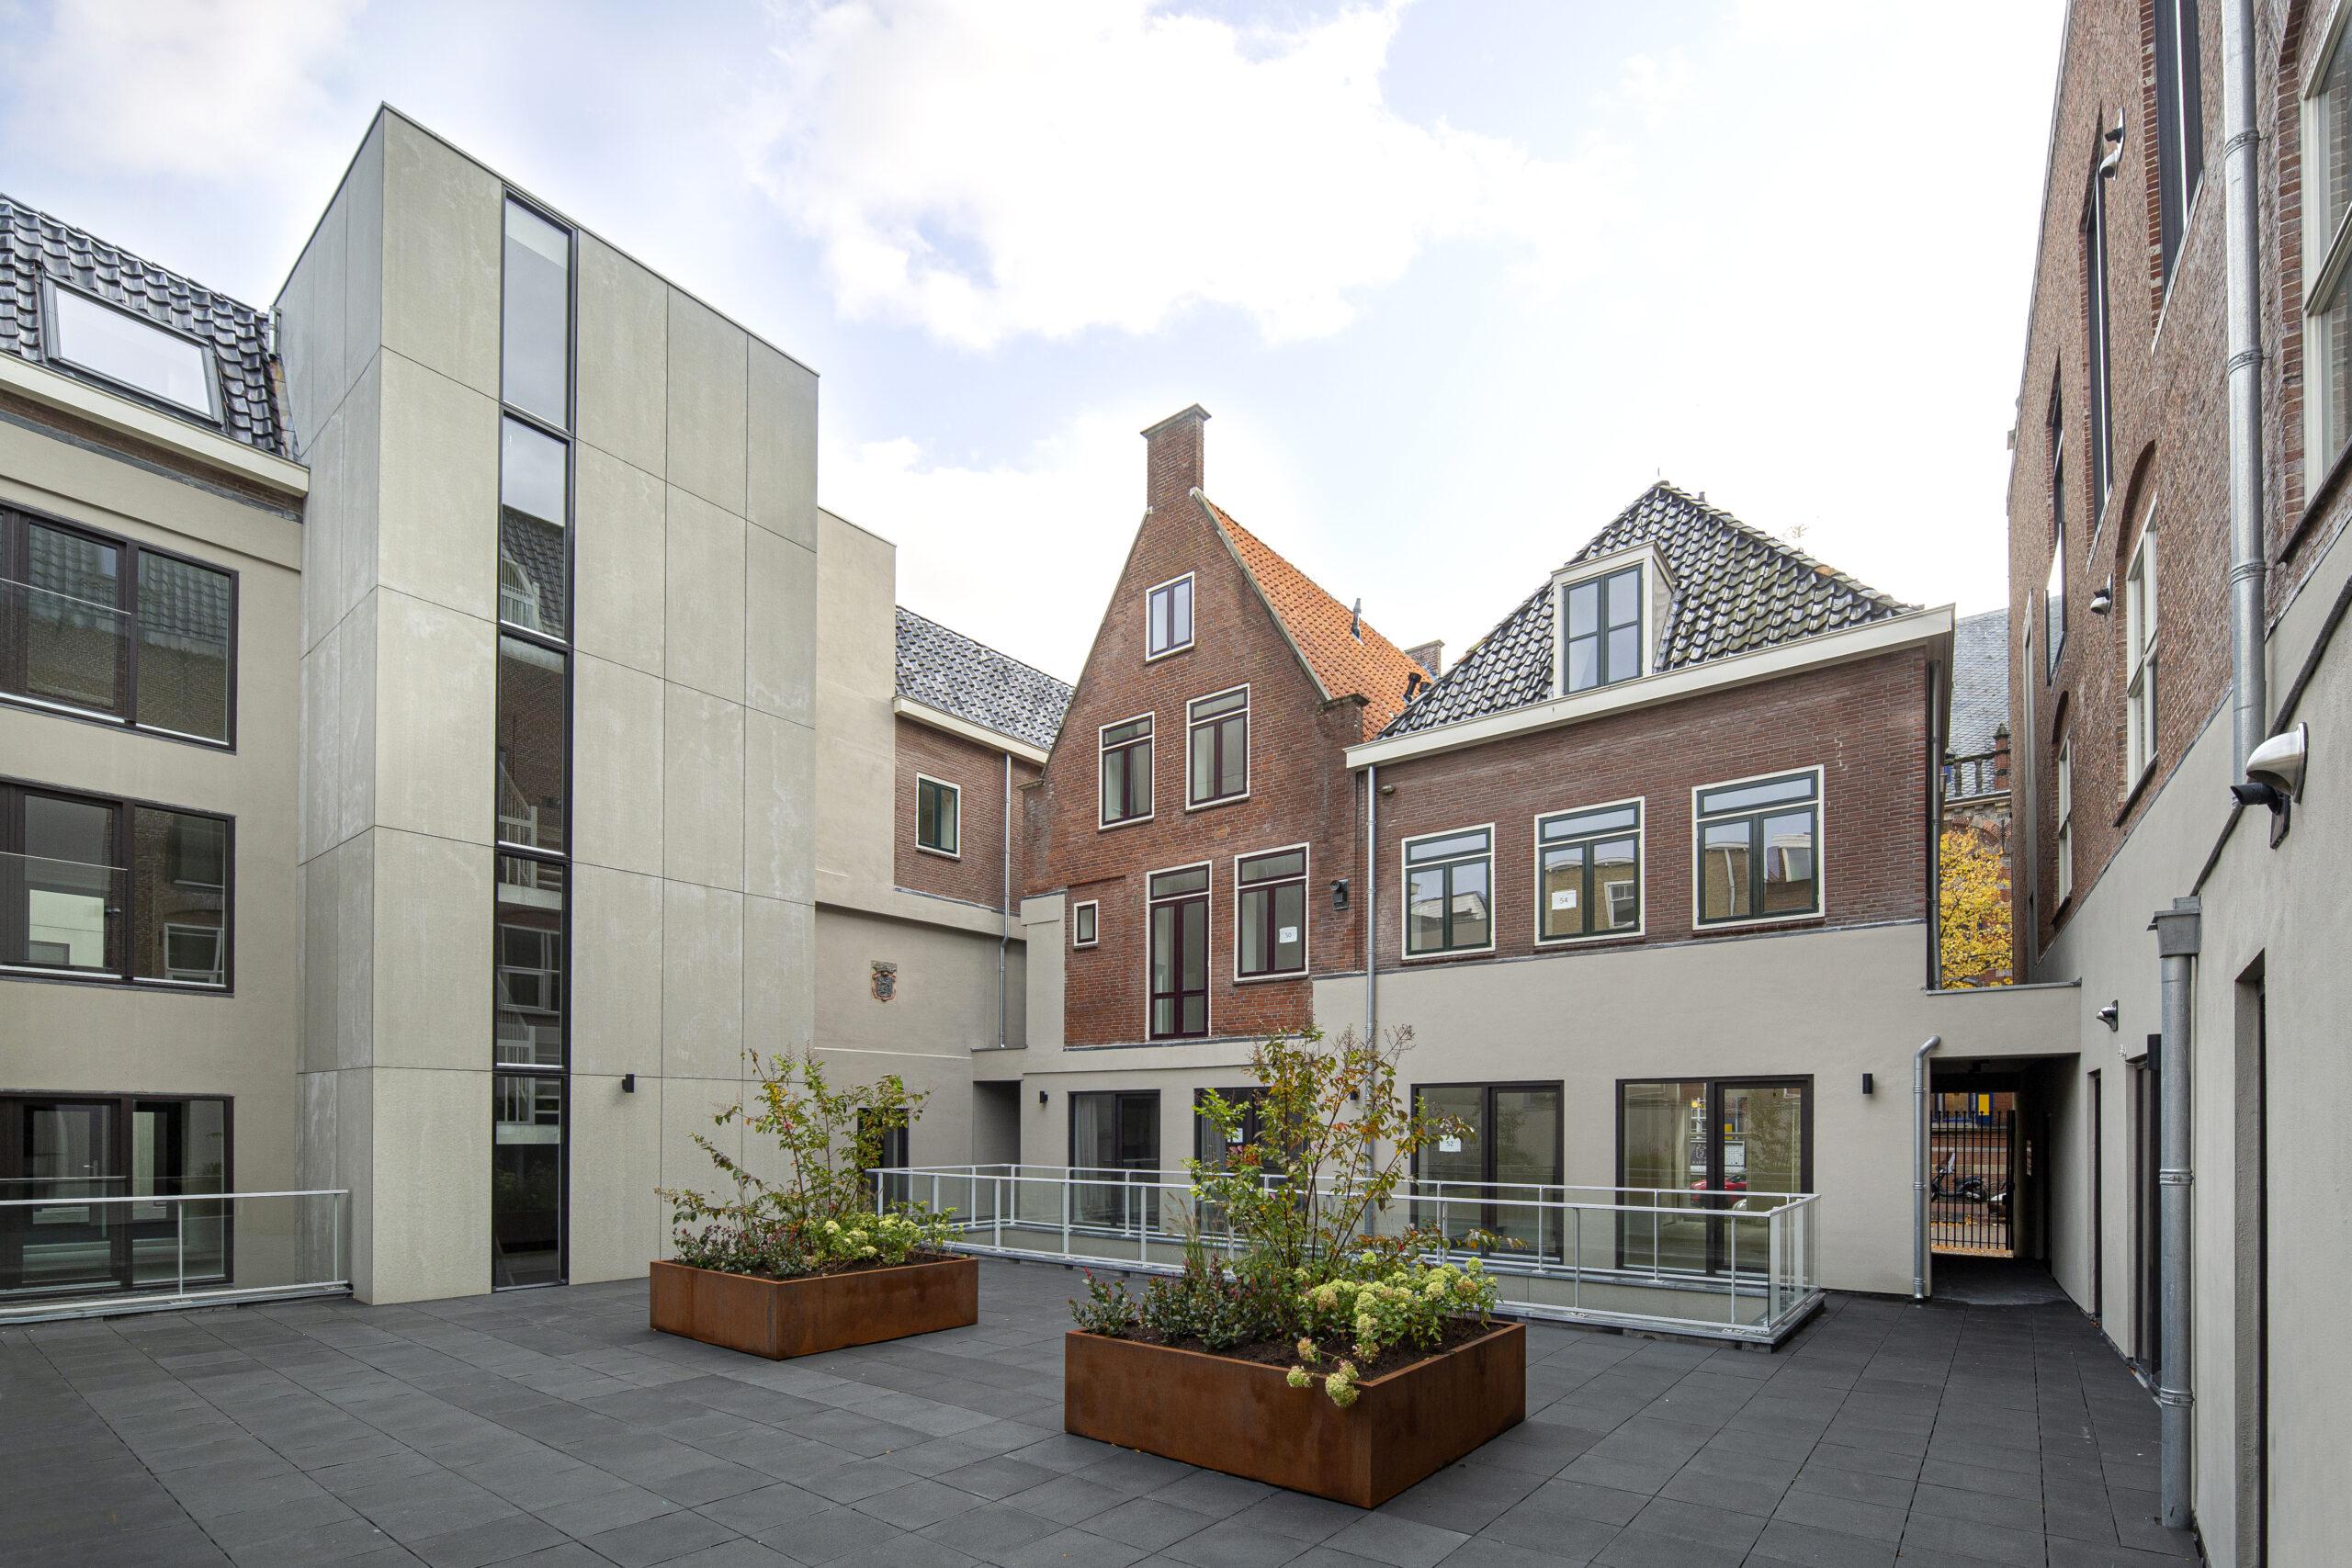 BihN_Het Museum_Leeuwarden_MG_9032